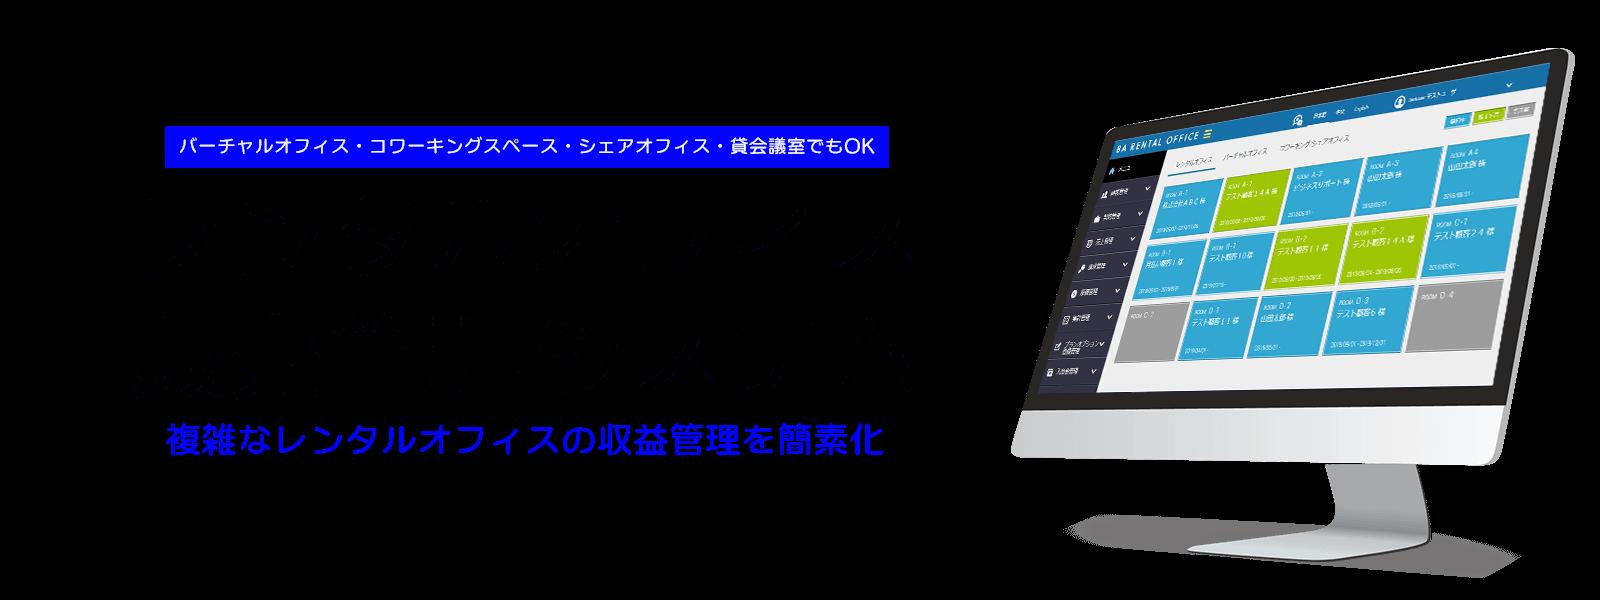 レンタルオフィス販売管理システム